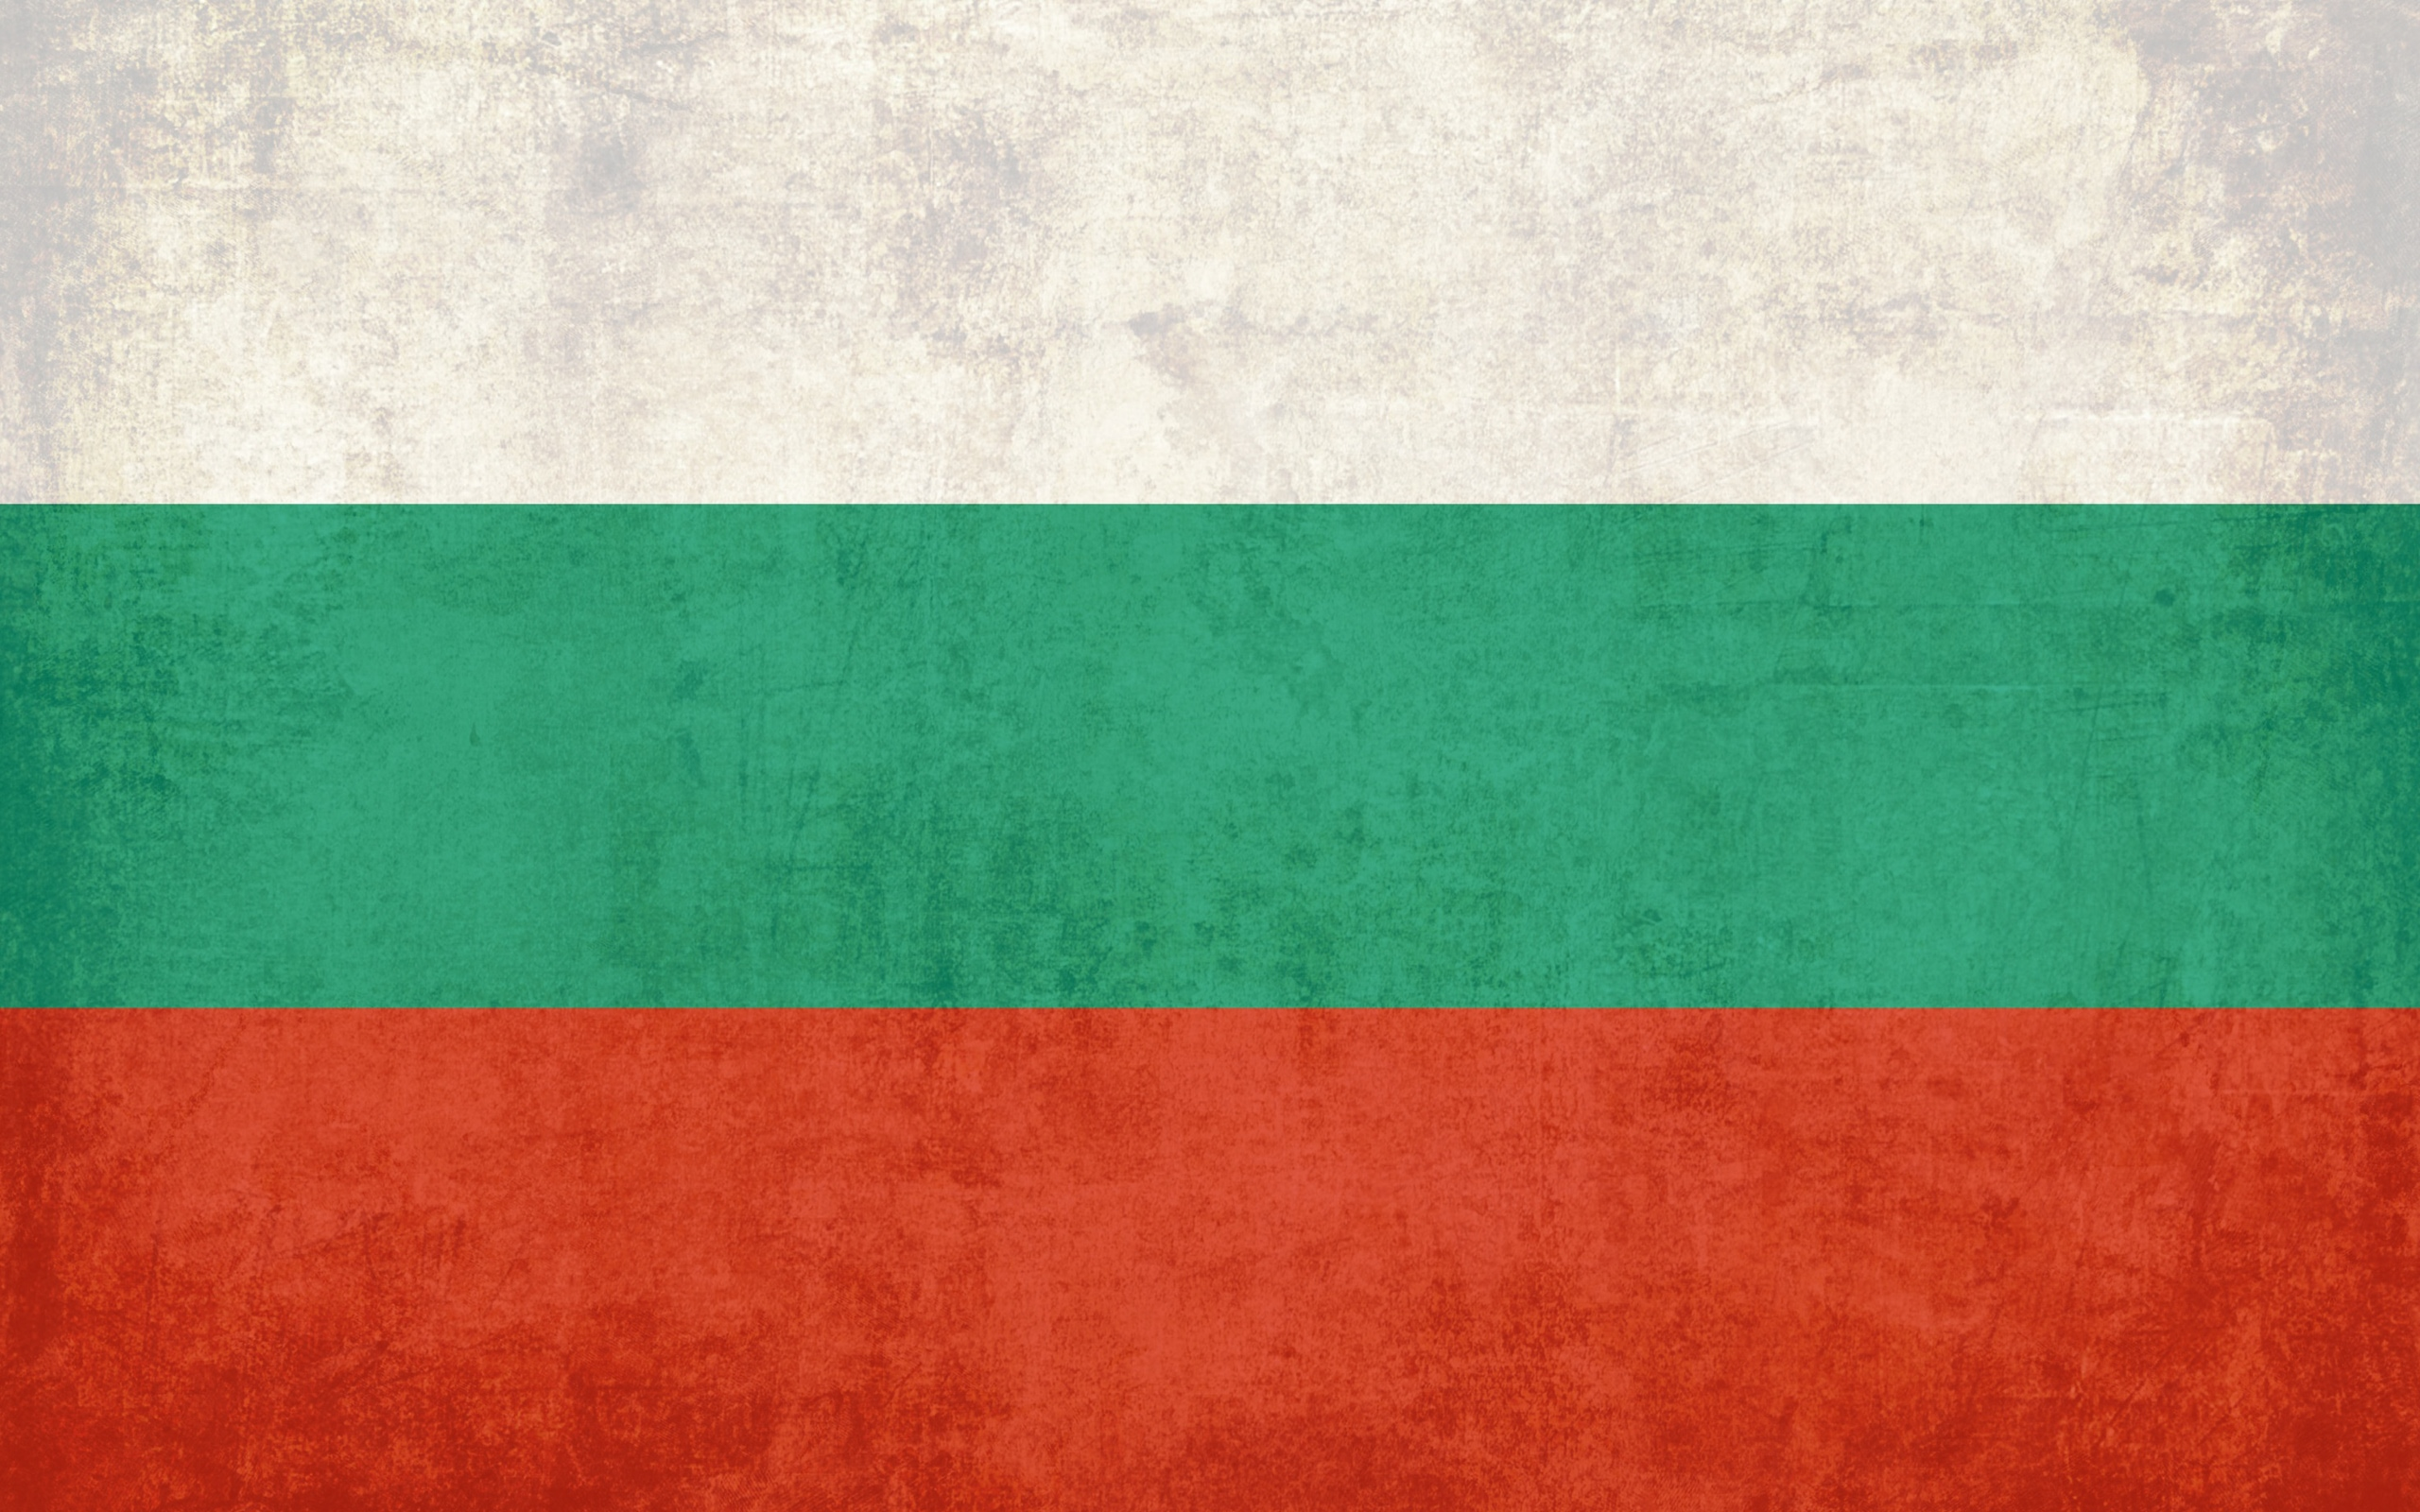 картинки флаг болгарии